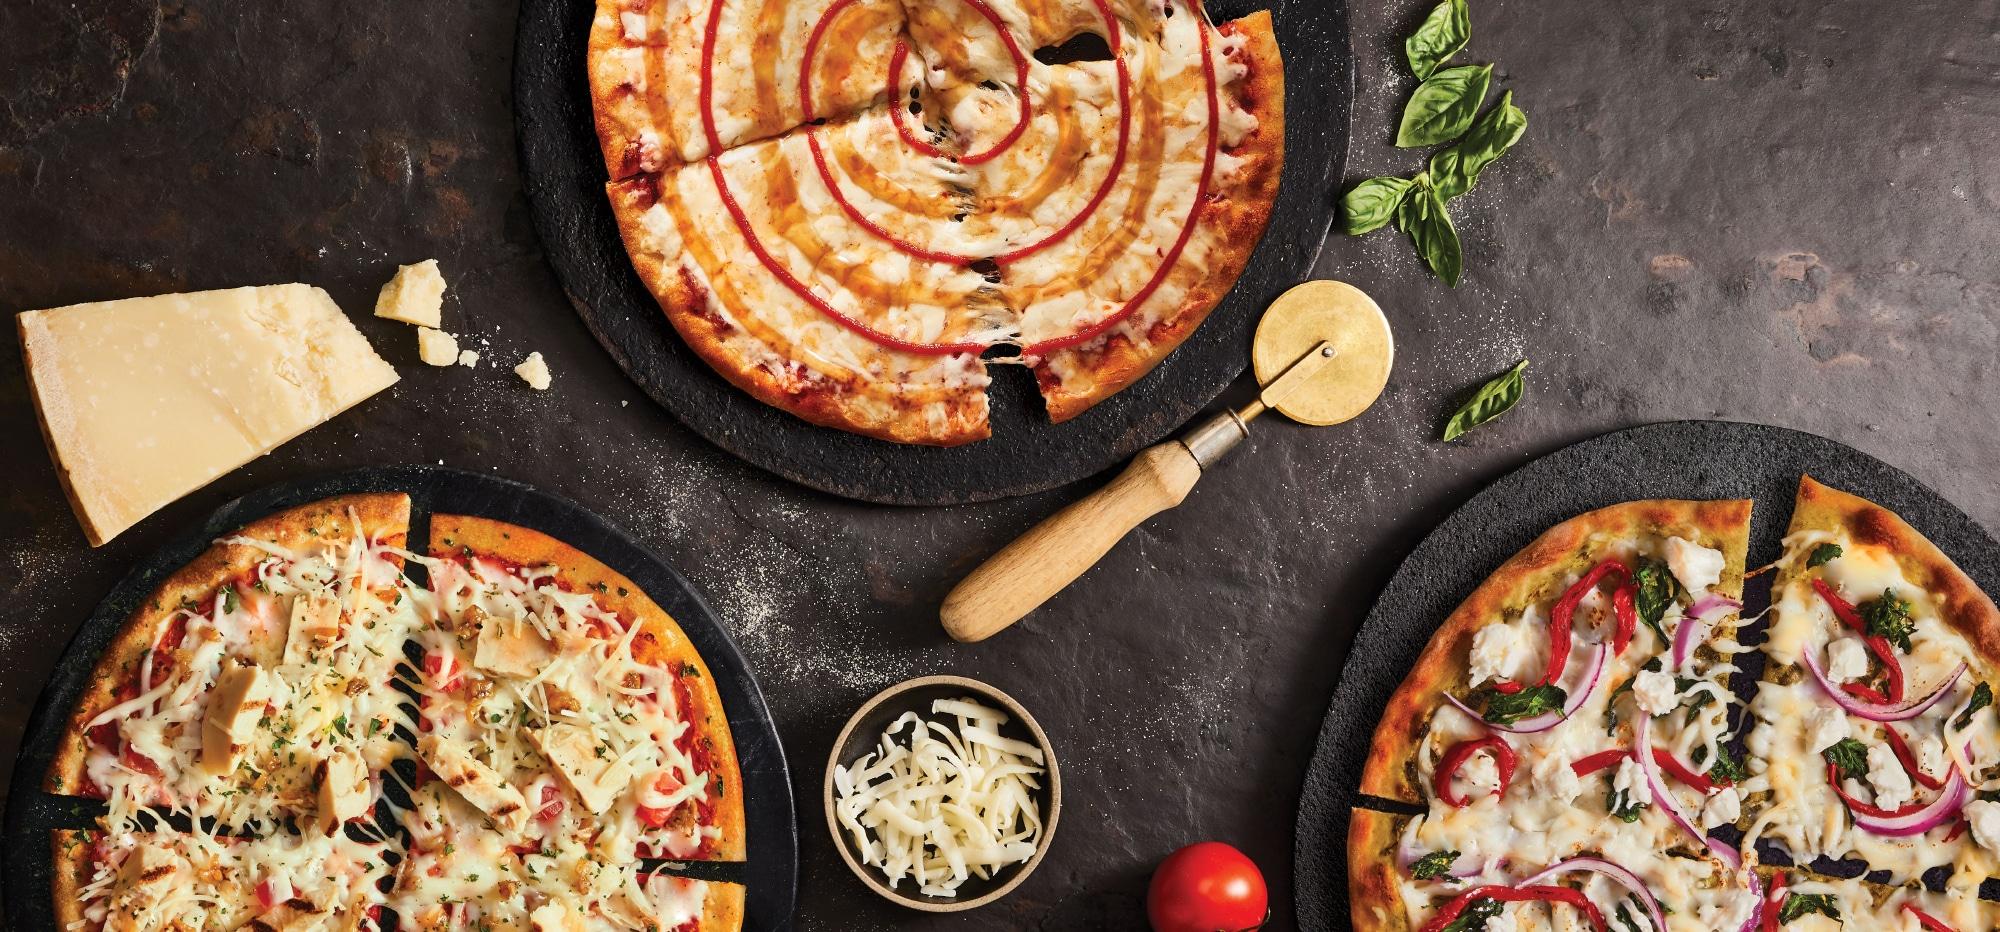 Pizza Pizza présente les «pizzas gourmet minces»: une gamme de recettes d'inspiration gastronomique en format individuel